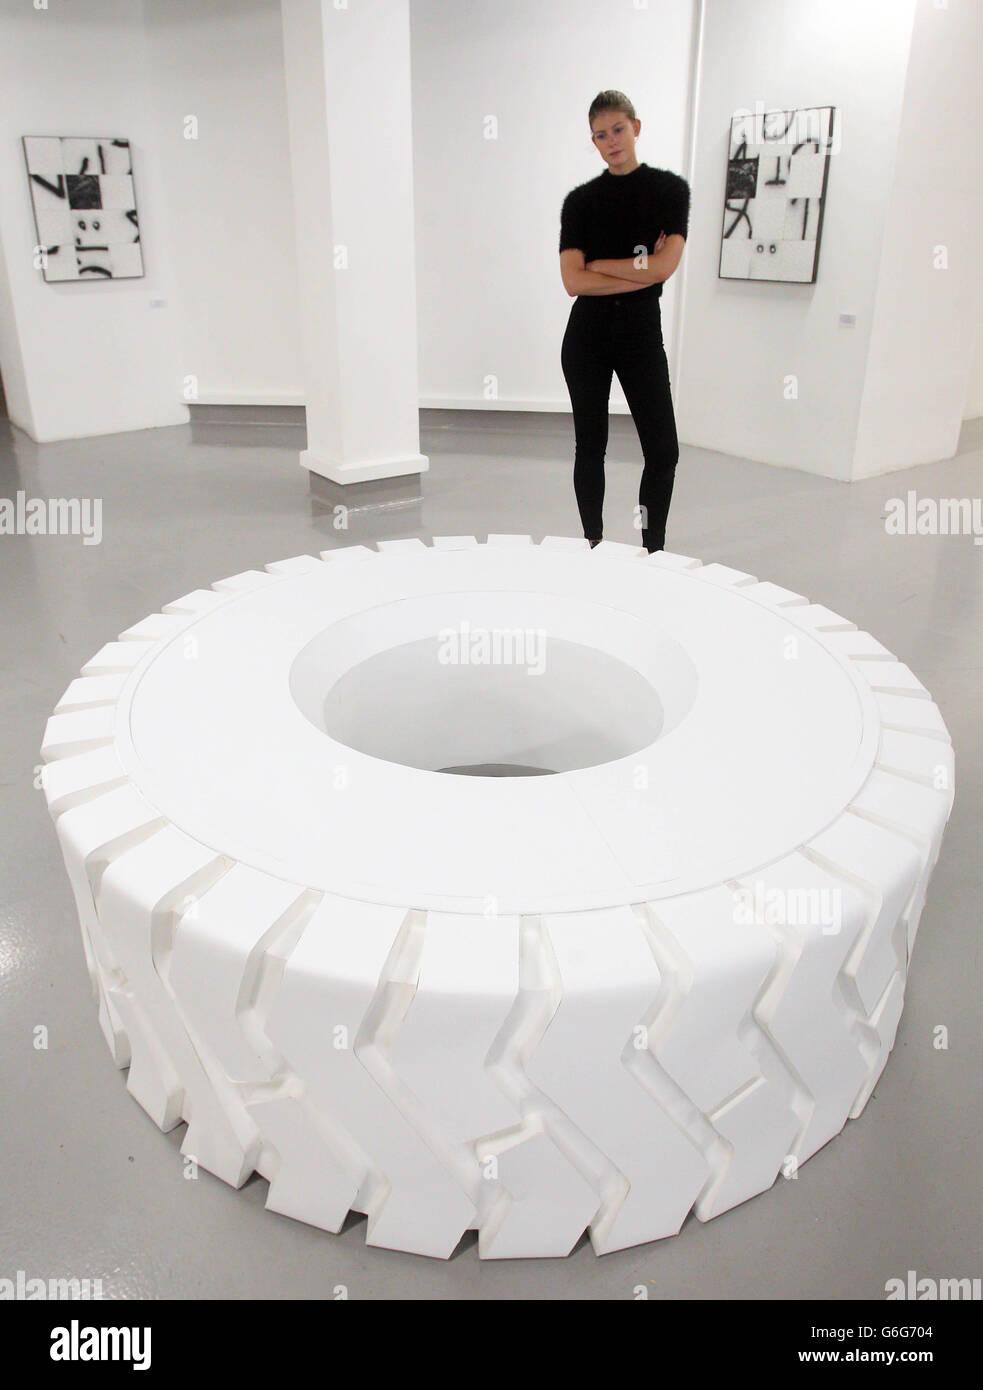 Saatchi Gallery New Sensations 2013 - Stock Image